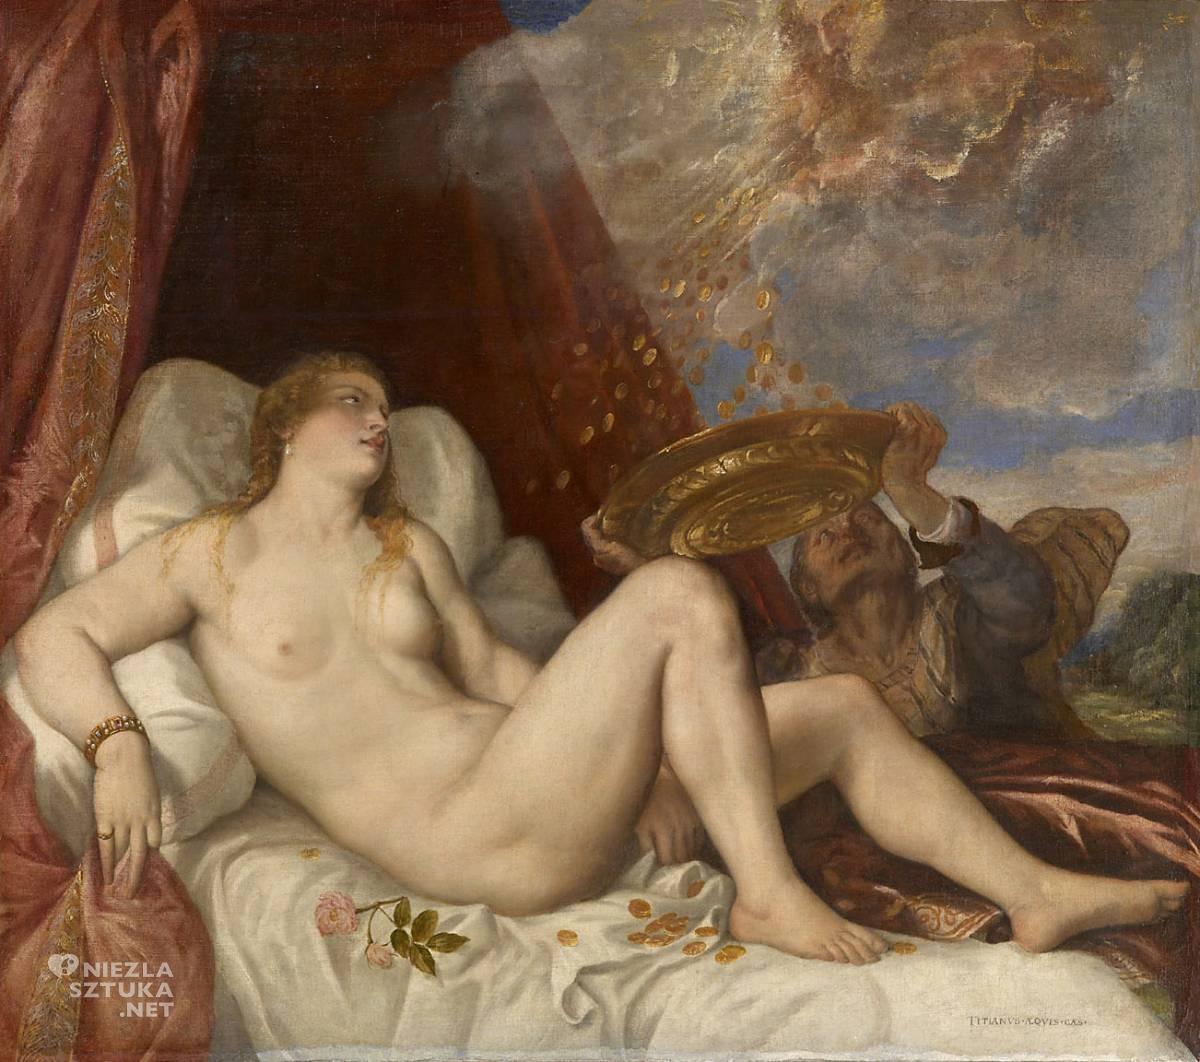 Tycjan, Danae, sztuka włoska, renesans, akt, Niezła Sztuka